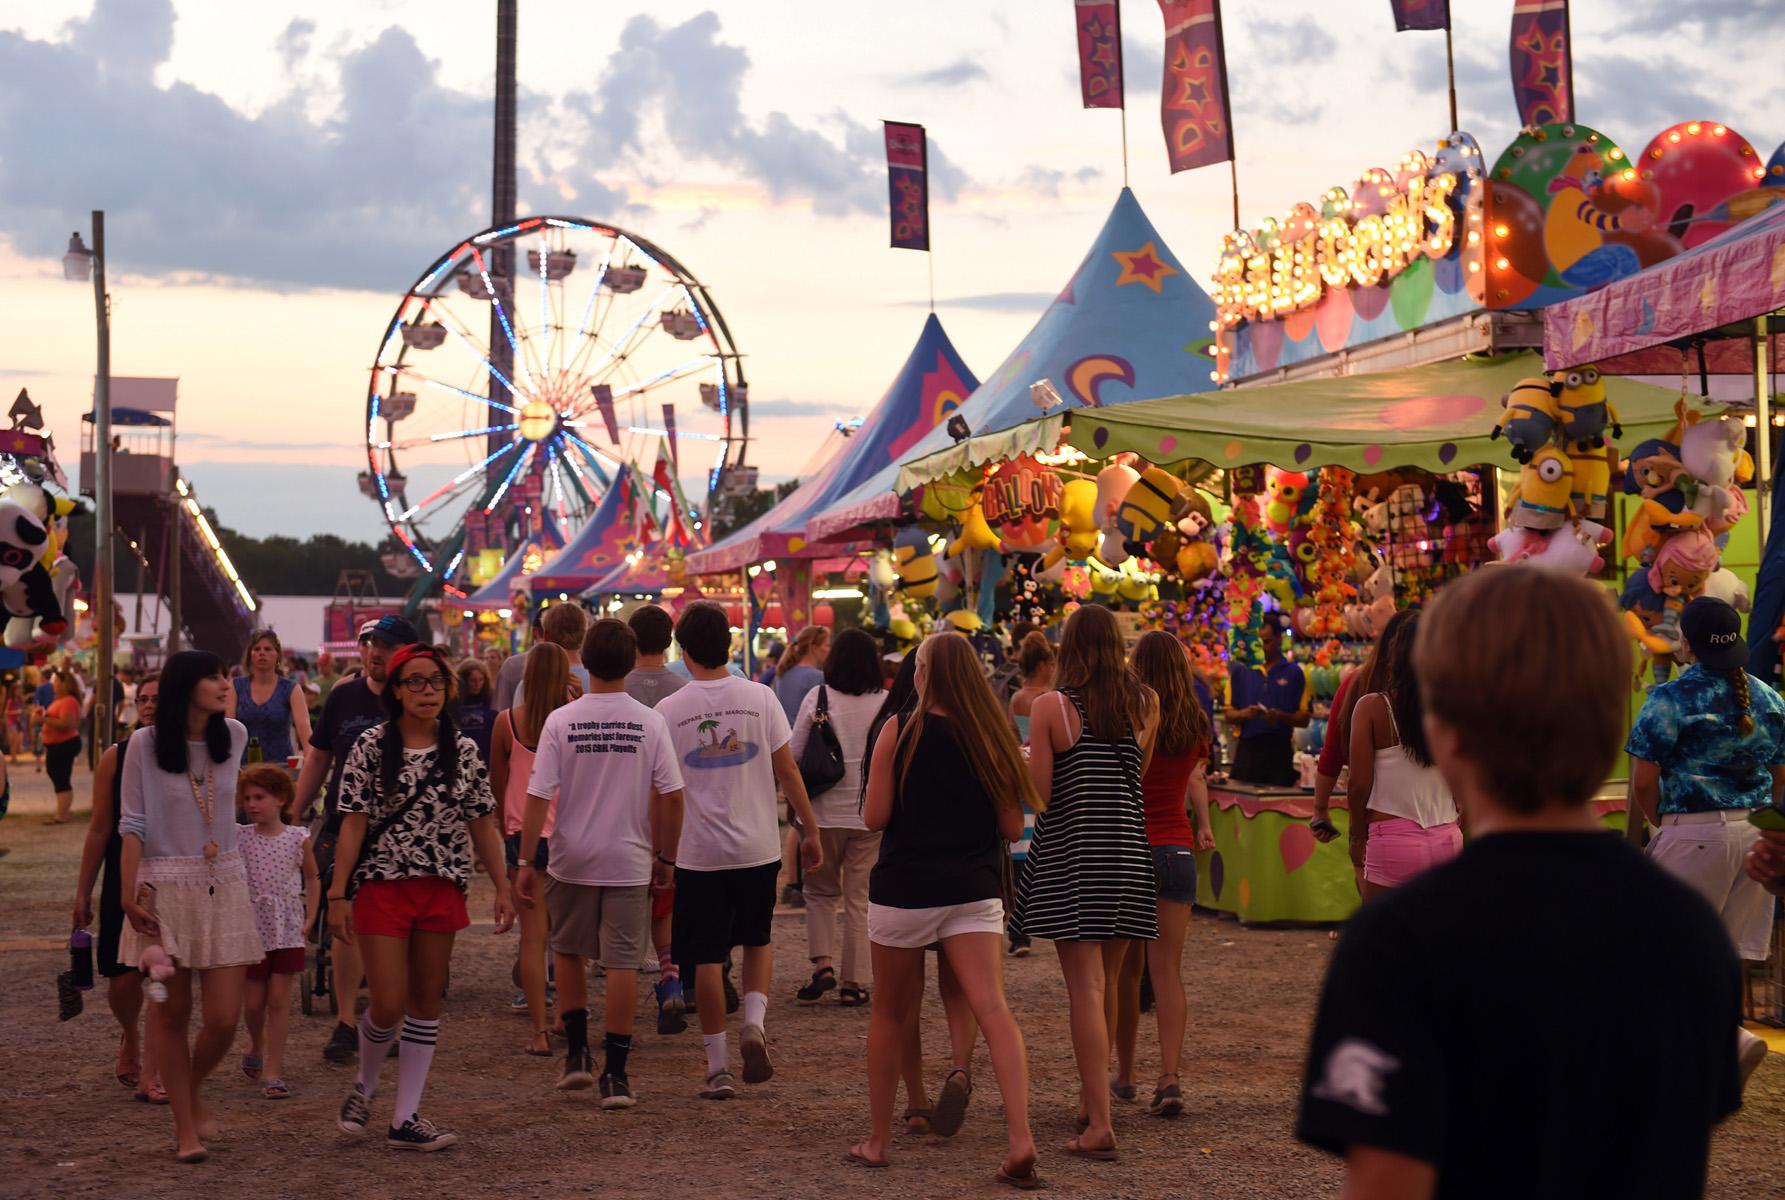 Best photos from the county fair season